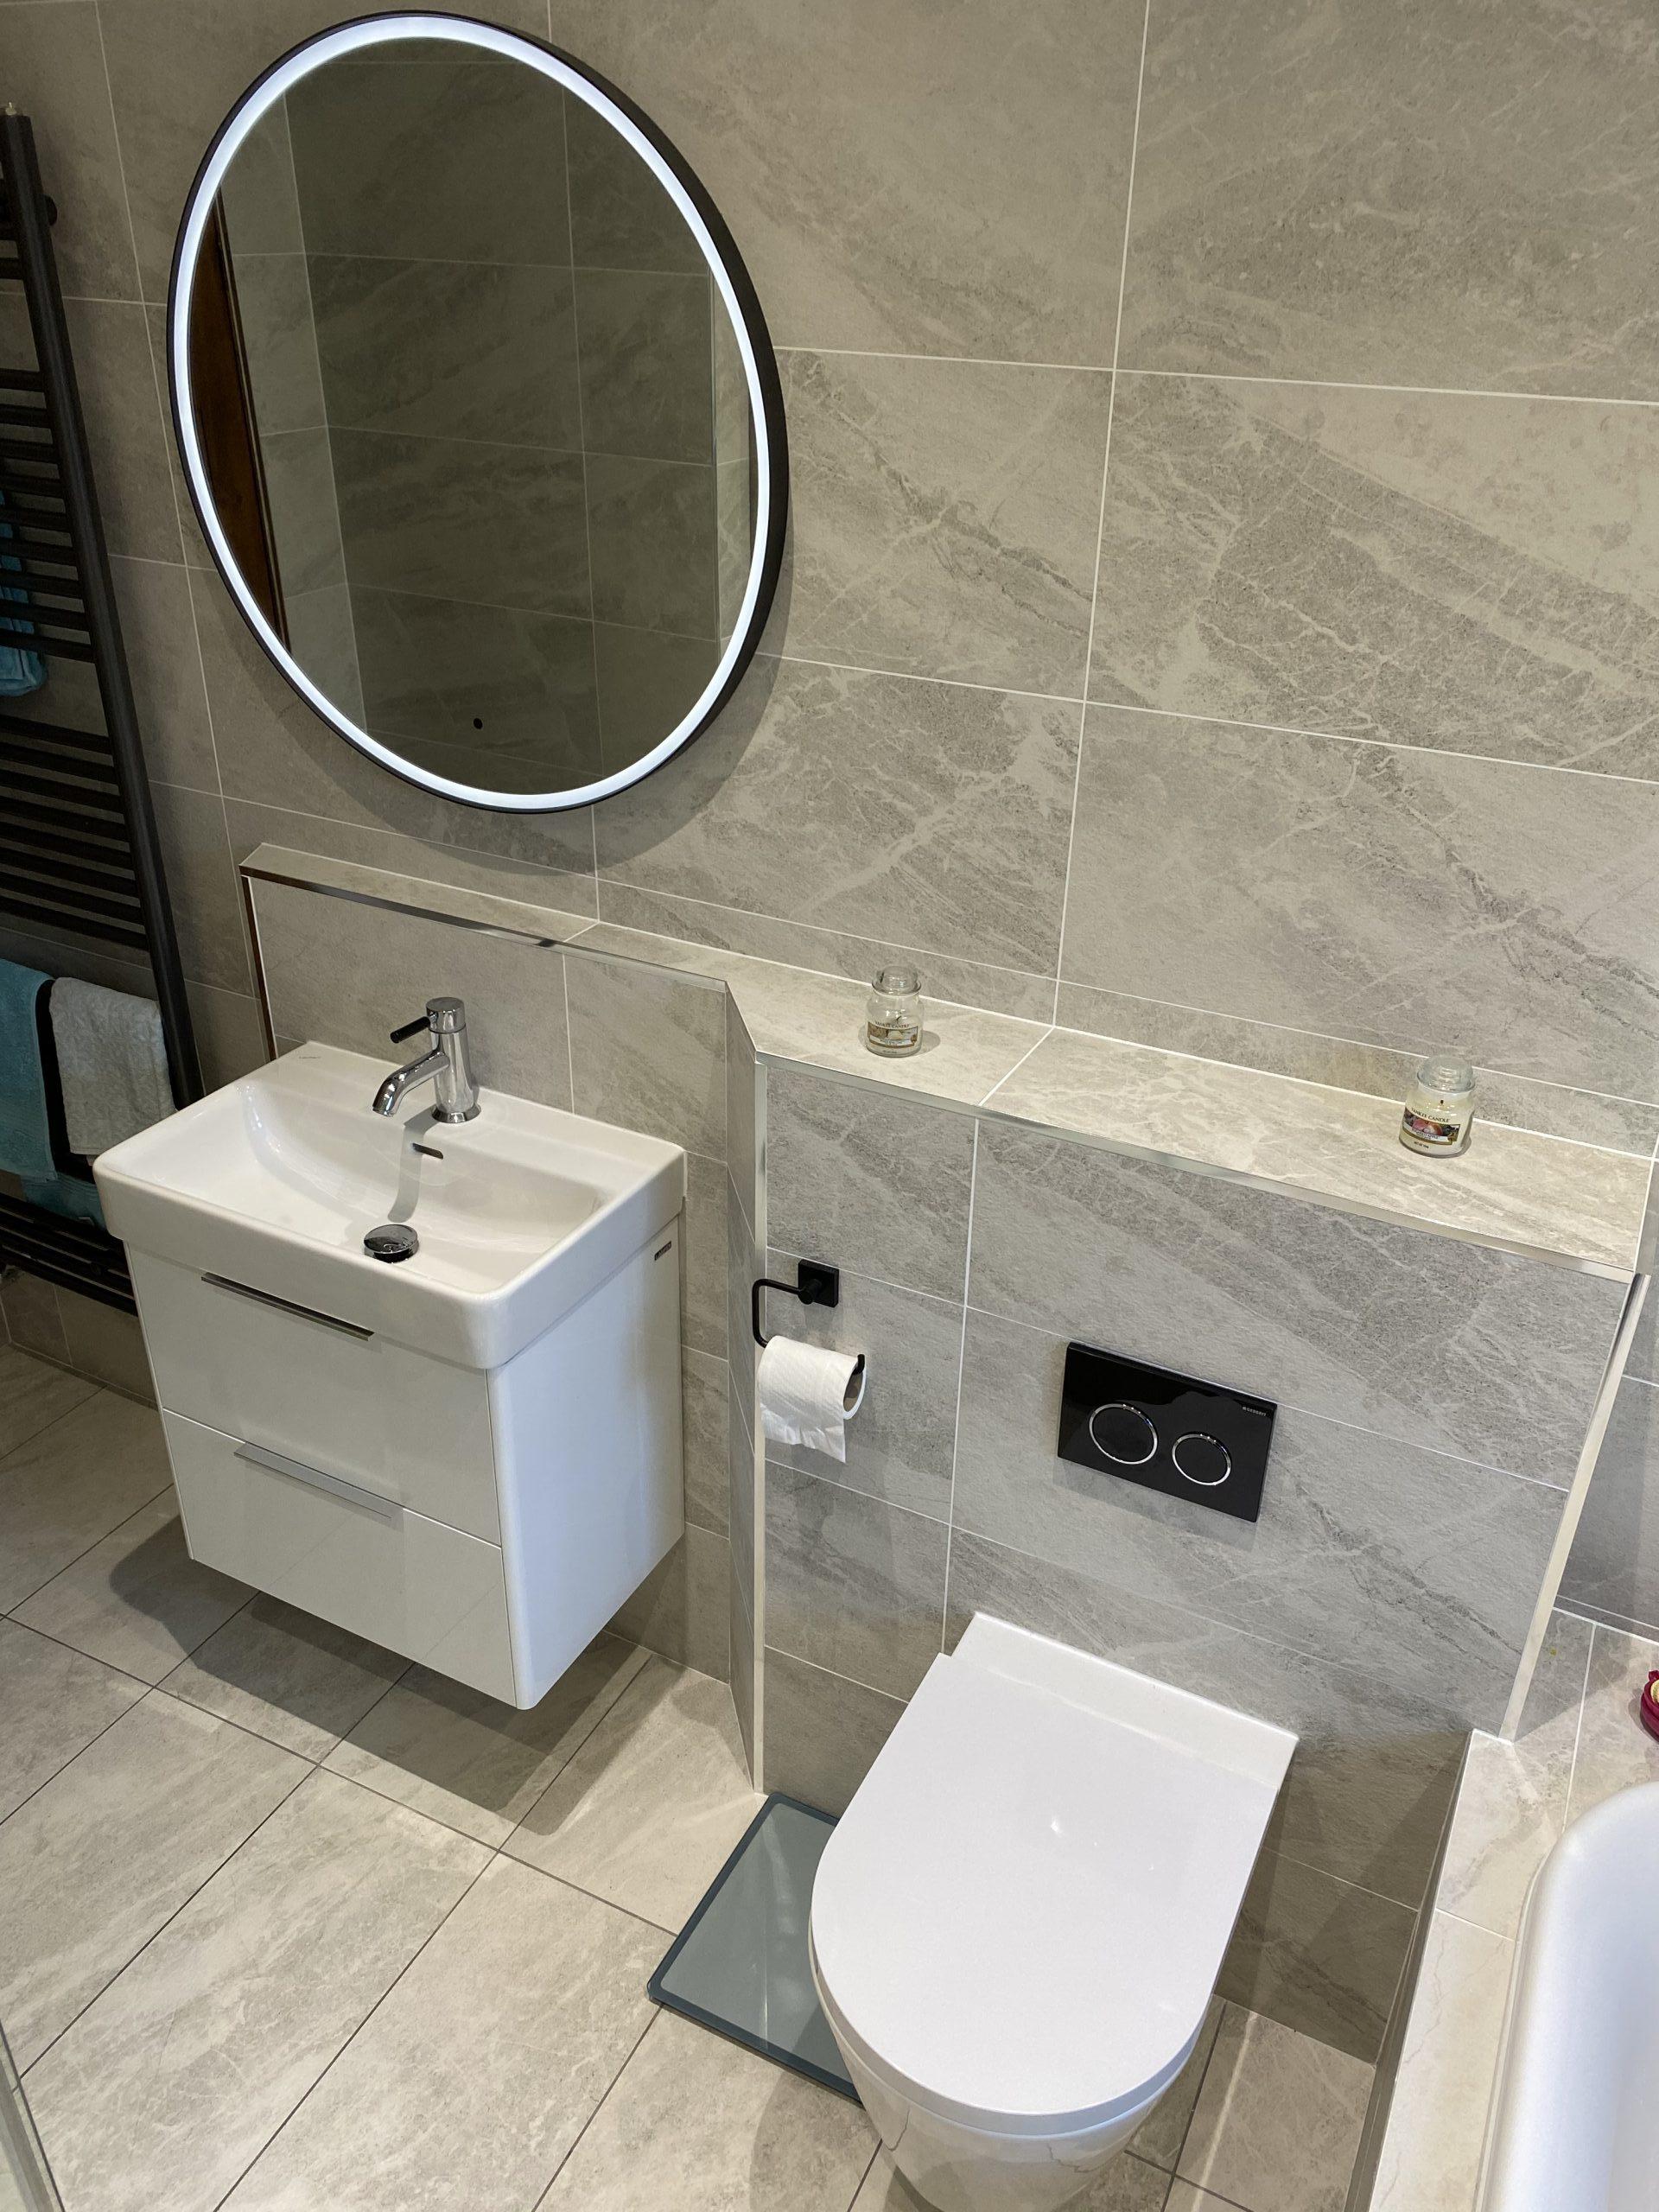 Elixir Bathrooms - sink and toilet